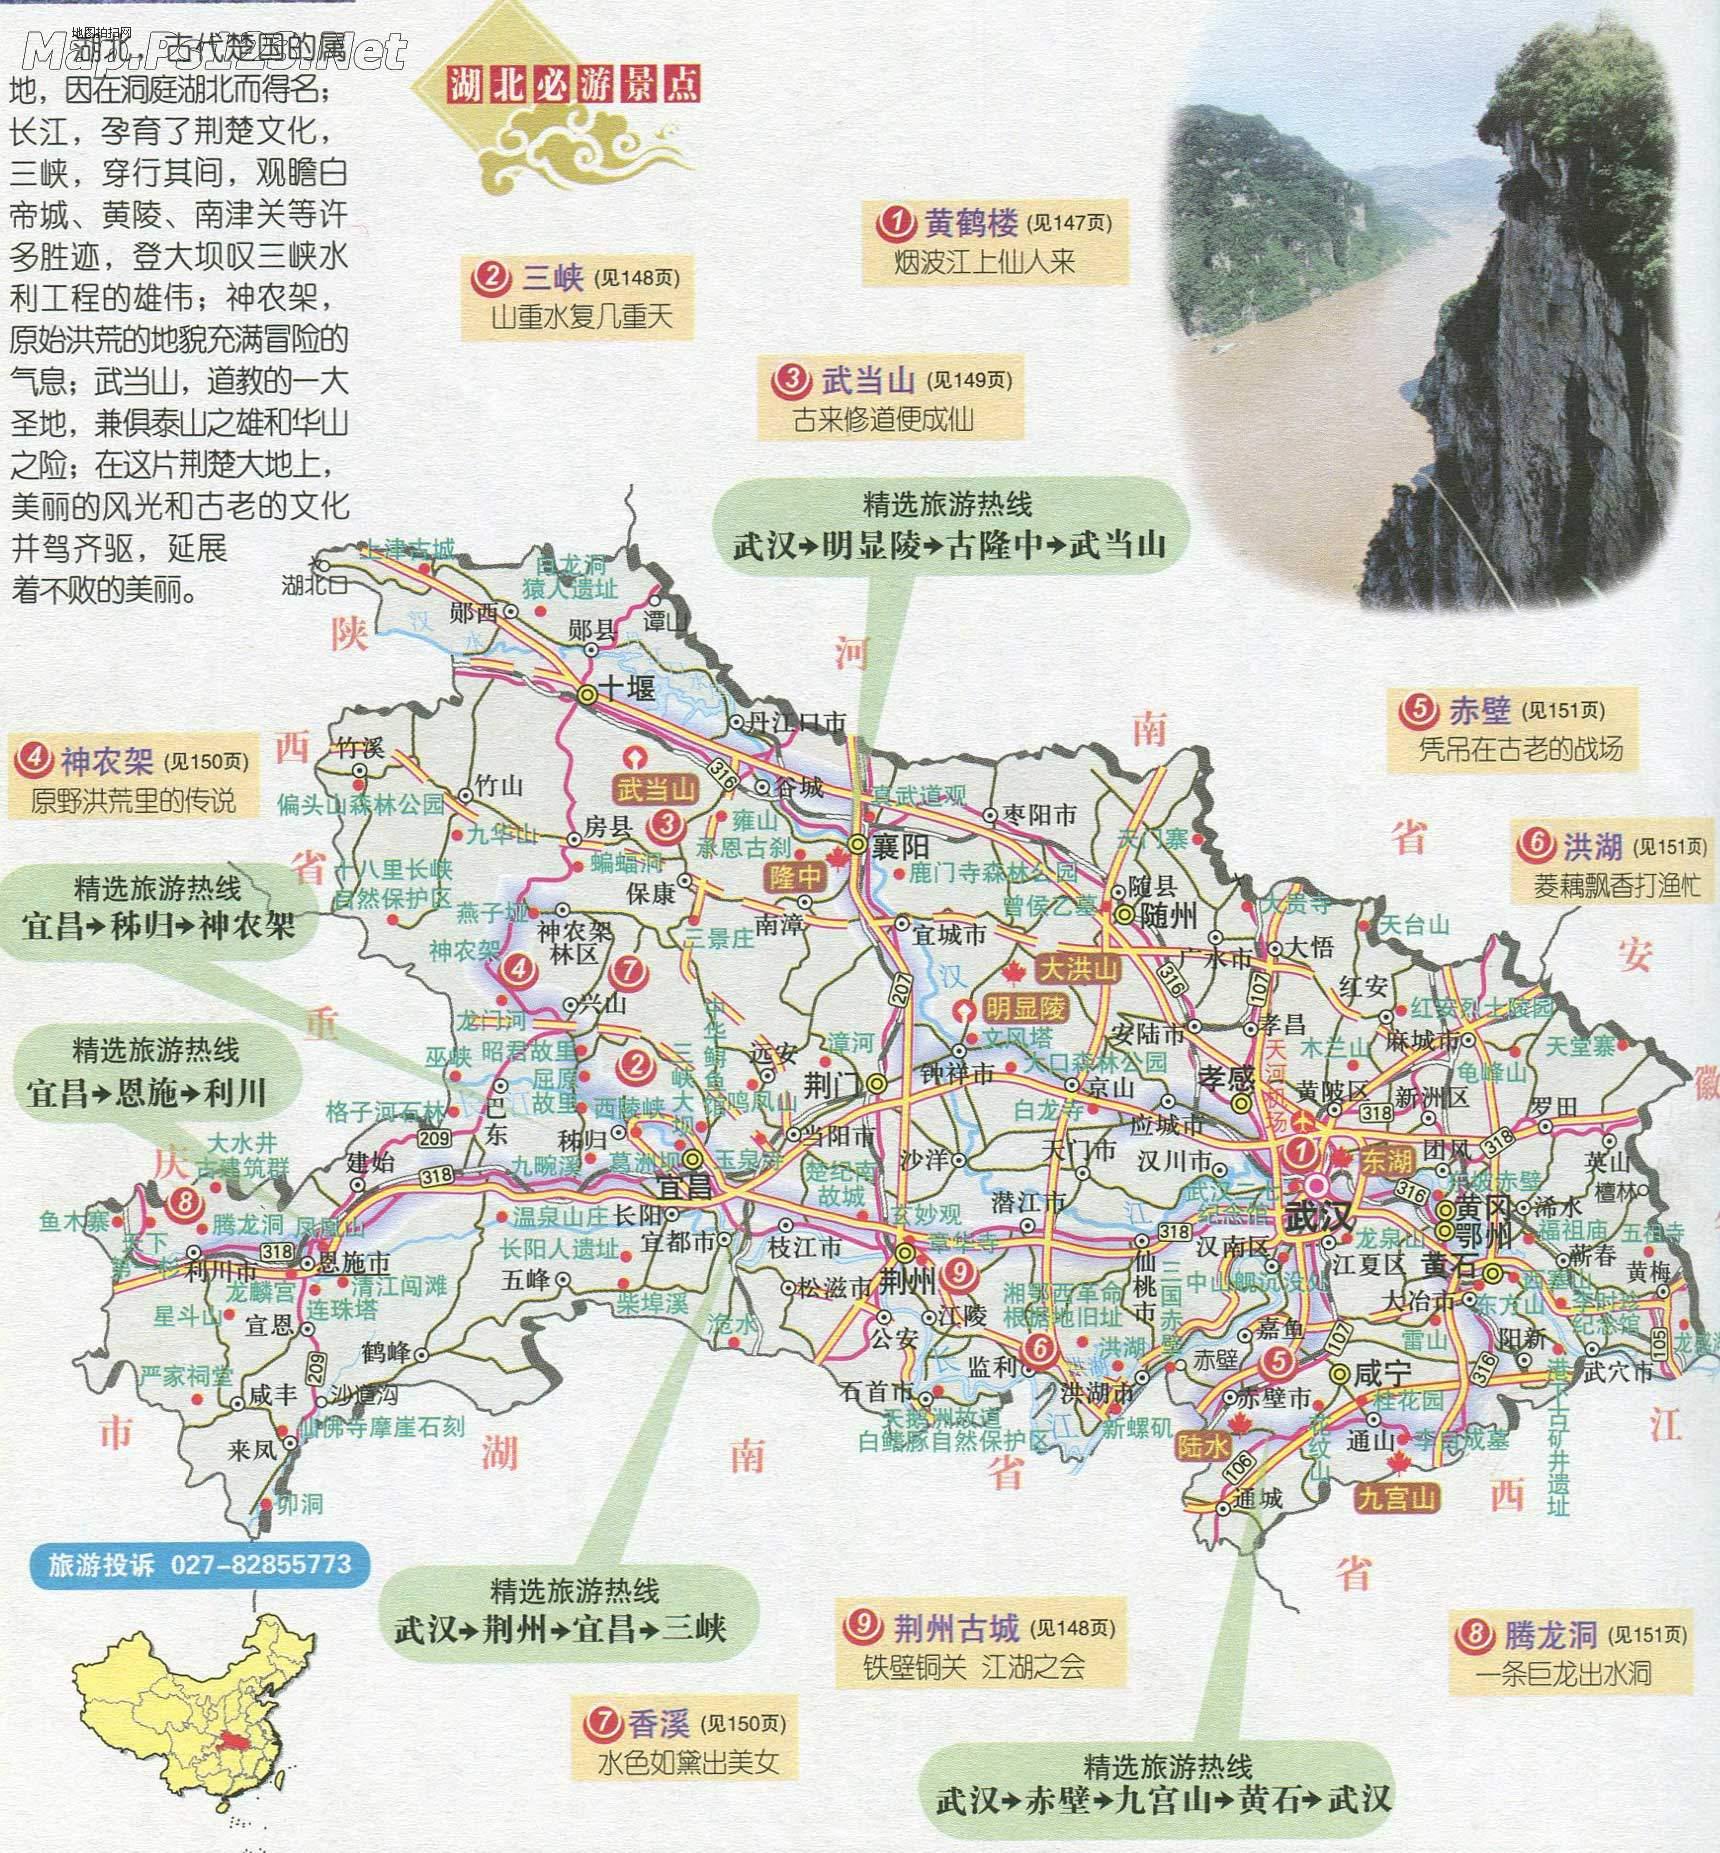 湖北必游旅游景点_必游景点地图库